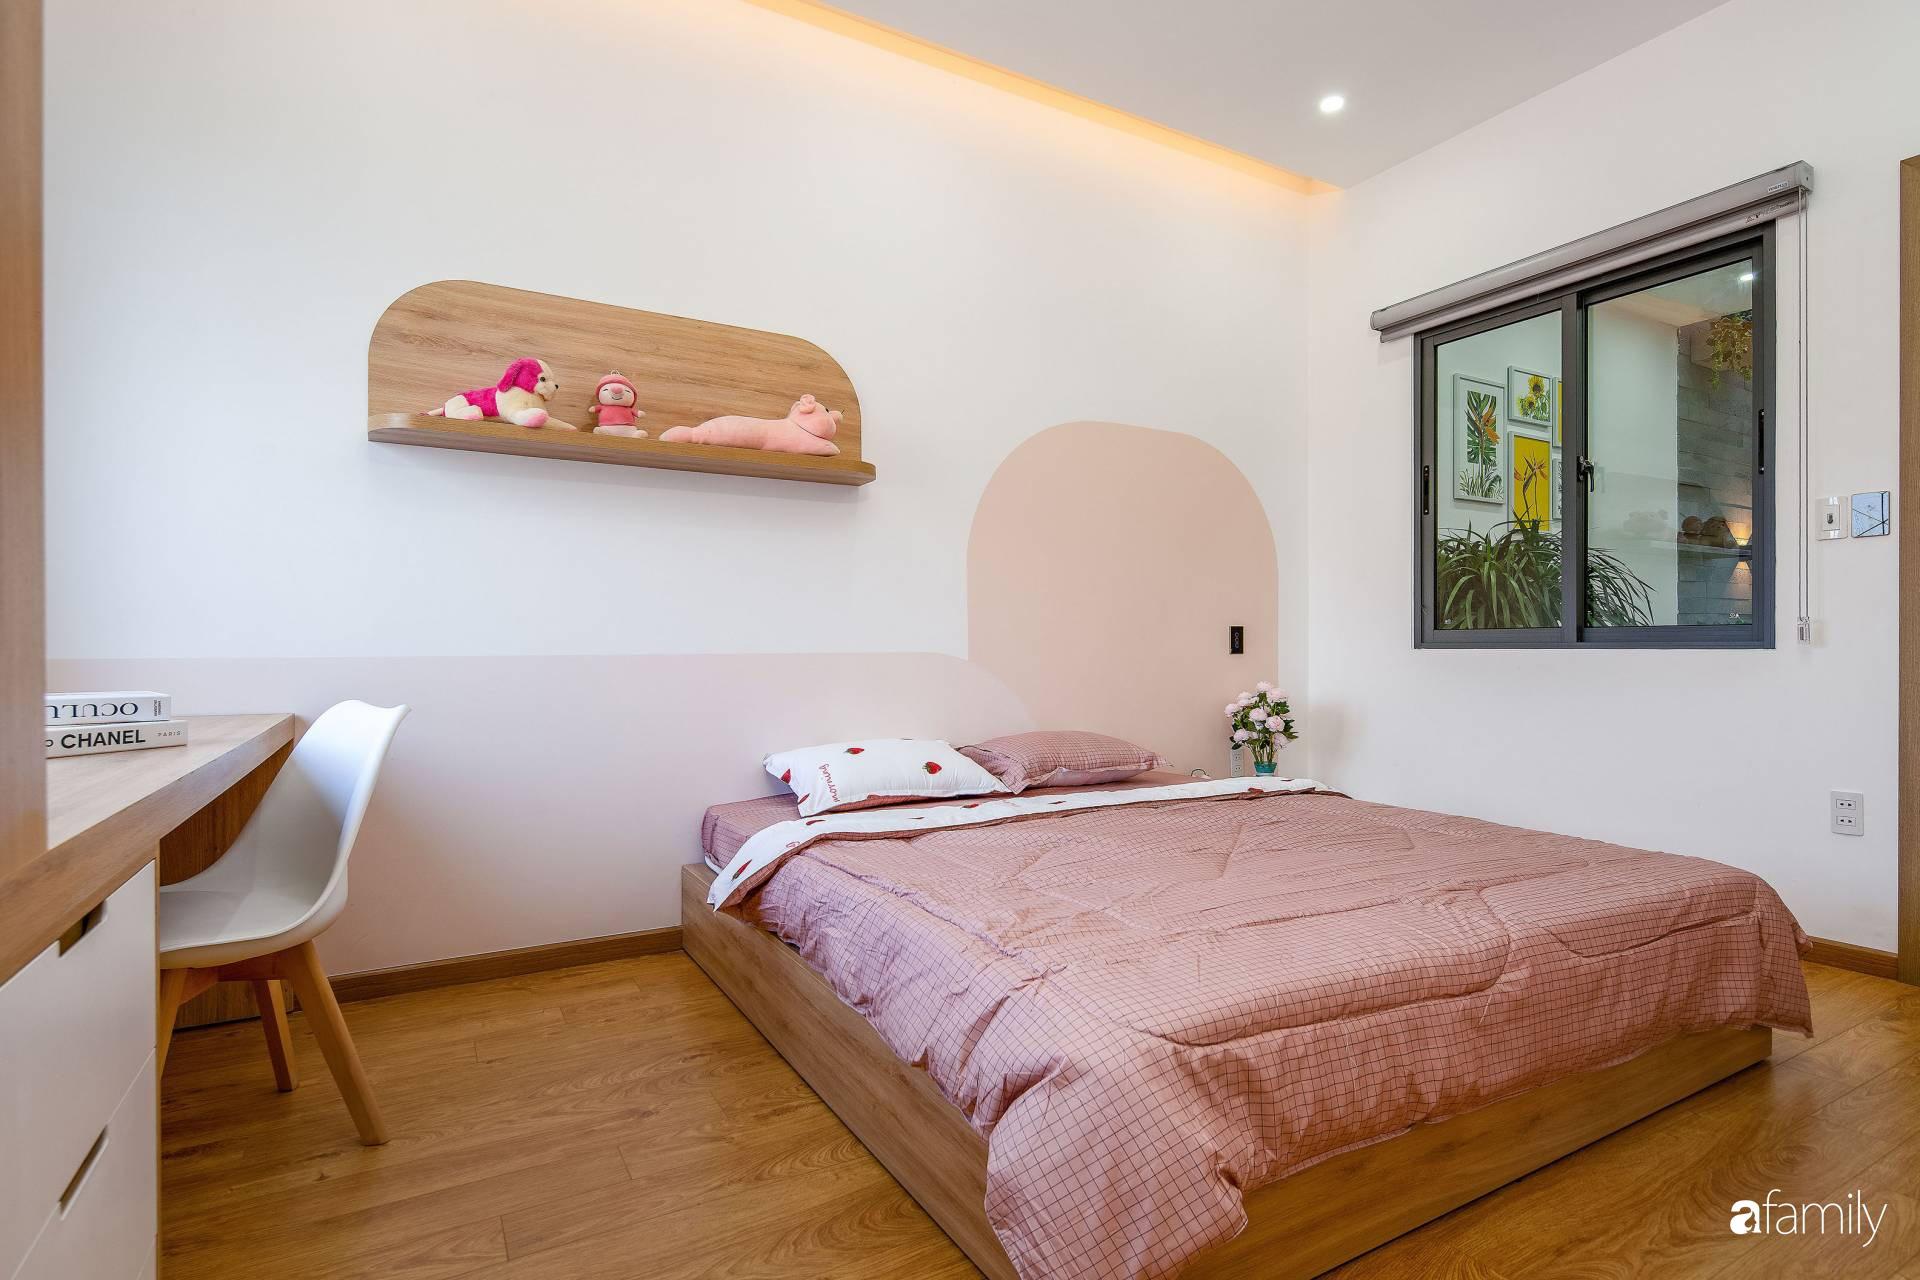 Ngôi nhà 100m2 thiết kế thông minh, tiện lợi dành cho gia đình 3 thế hệ ở Đà Nẵng - Ảnh 17.